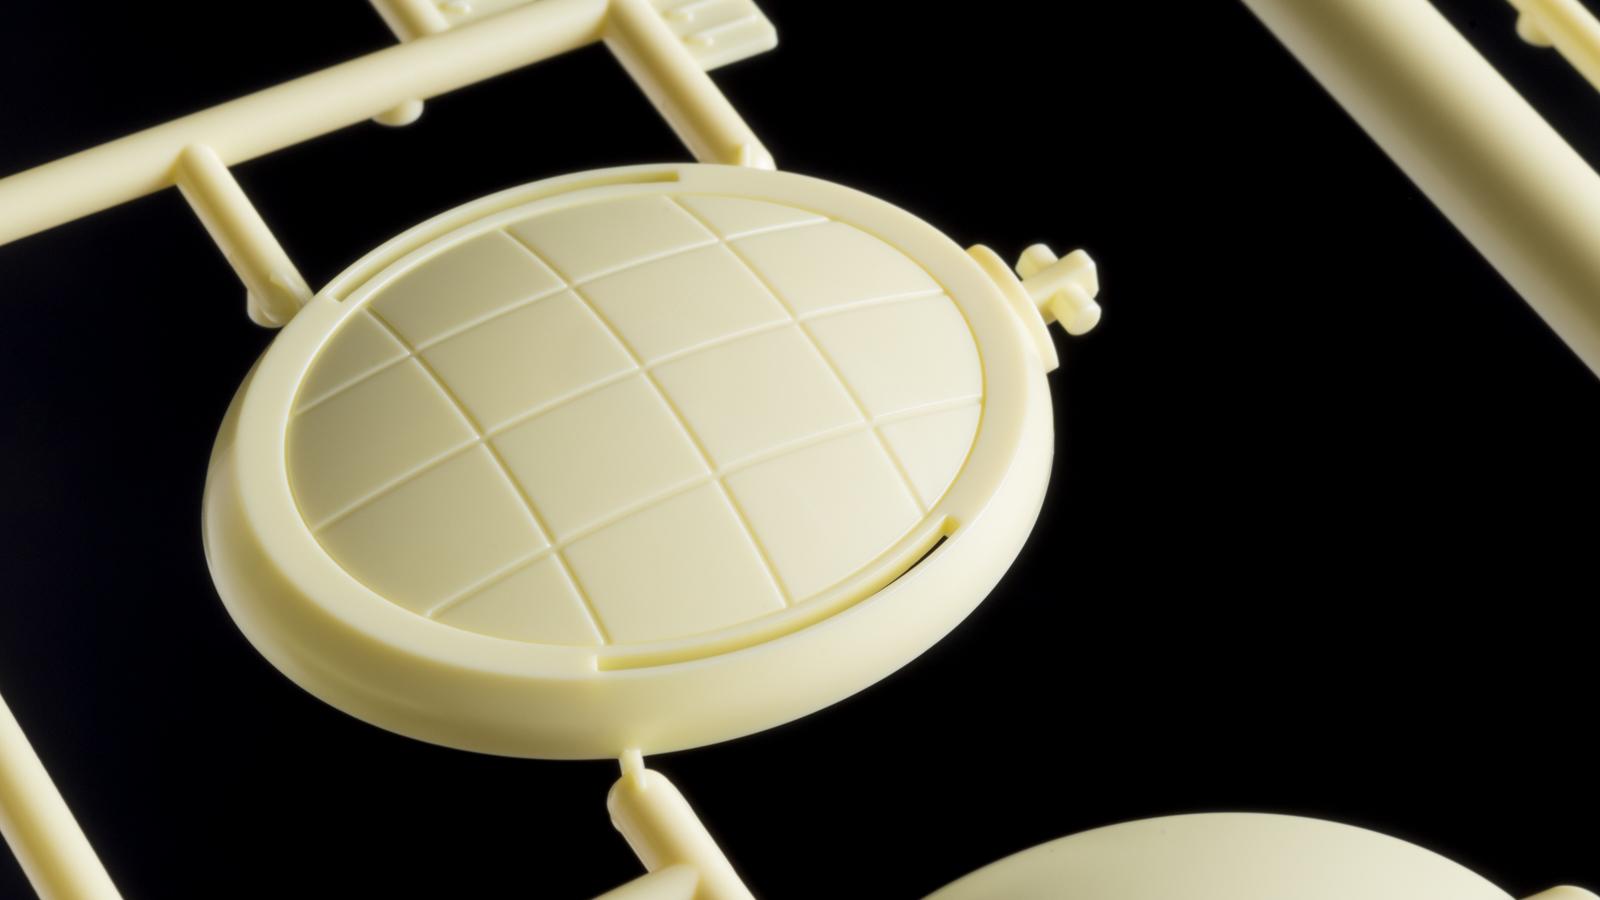 タイムマシンで動きを止められた「野比のび太のプラモデル」の話_b0029315_00013416.jpg